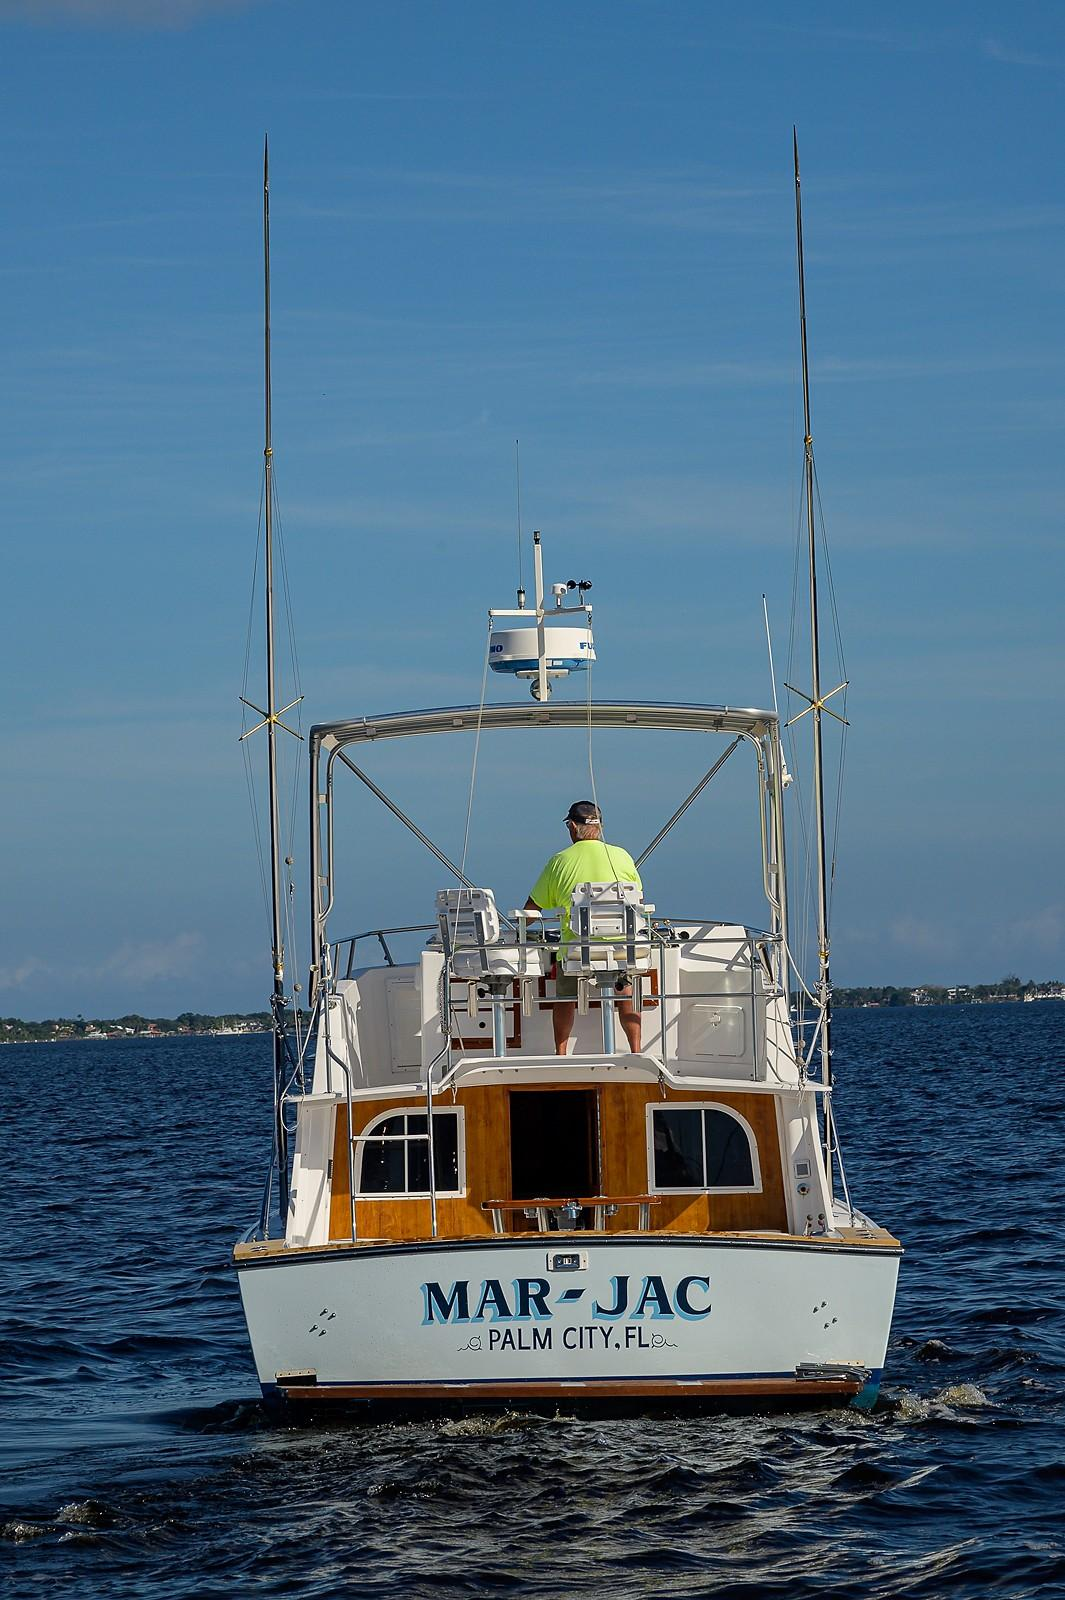 Mar Jac